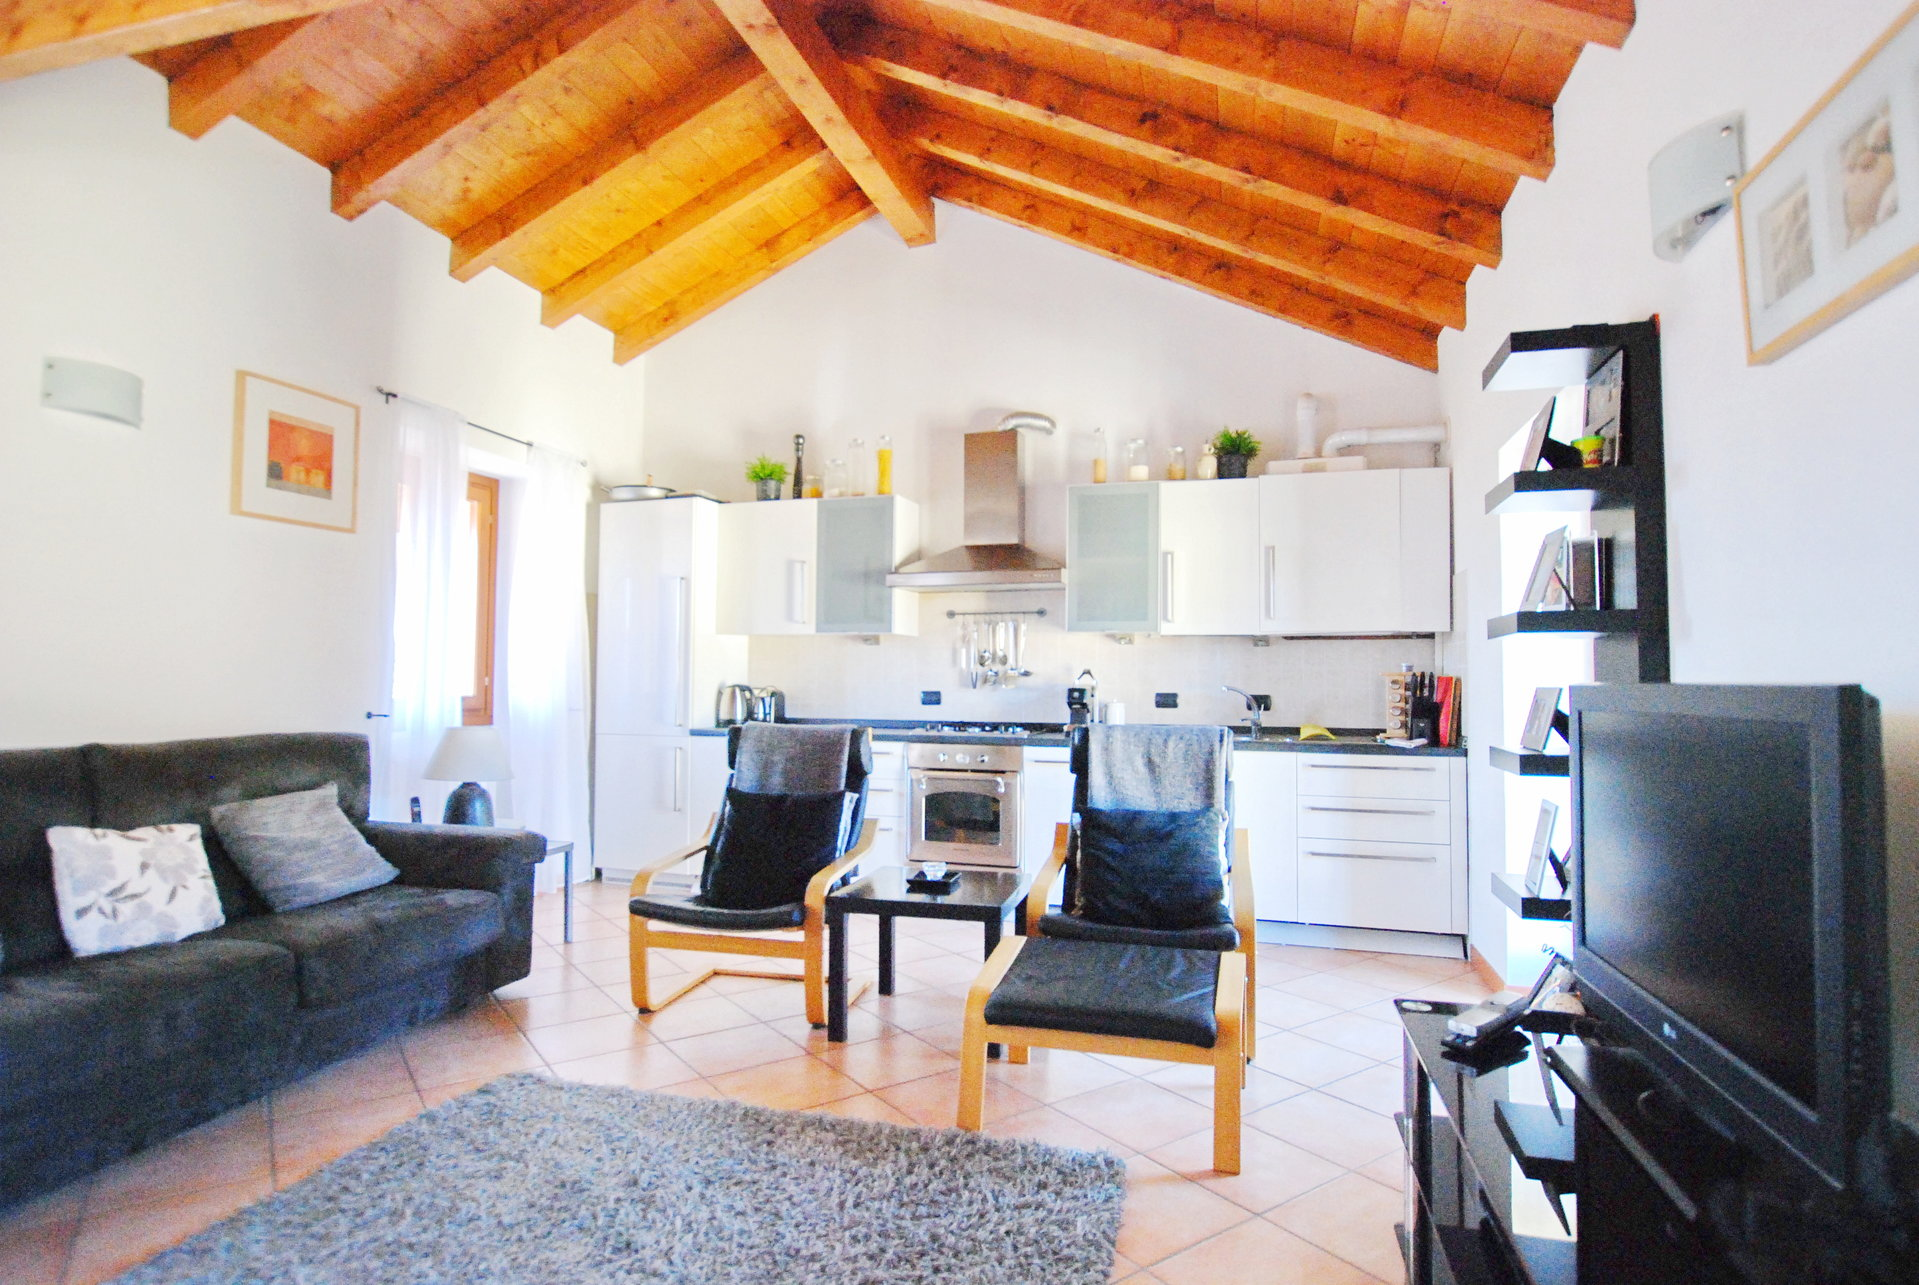 Appartamento bilocale arredato in vendita a Stresa